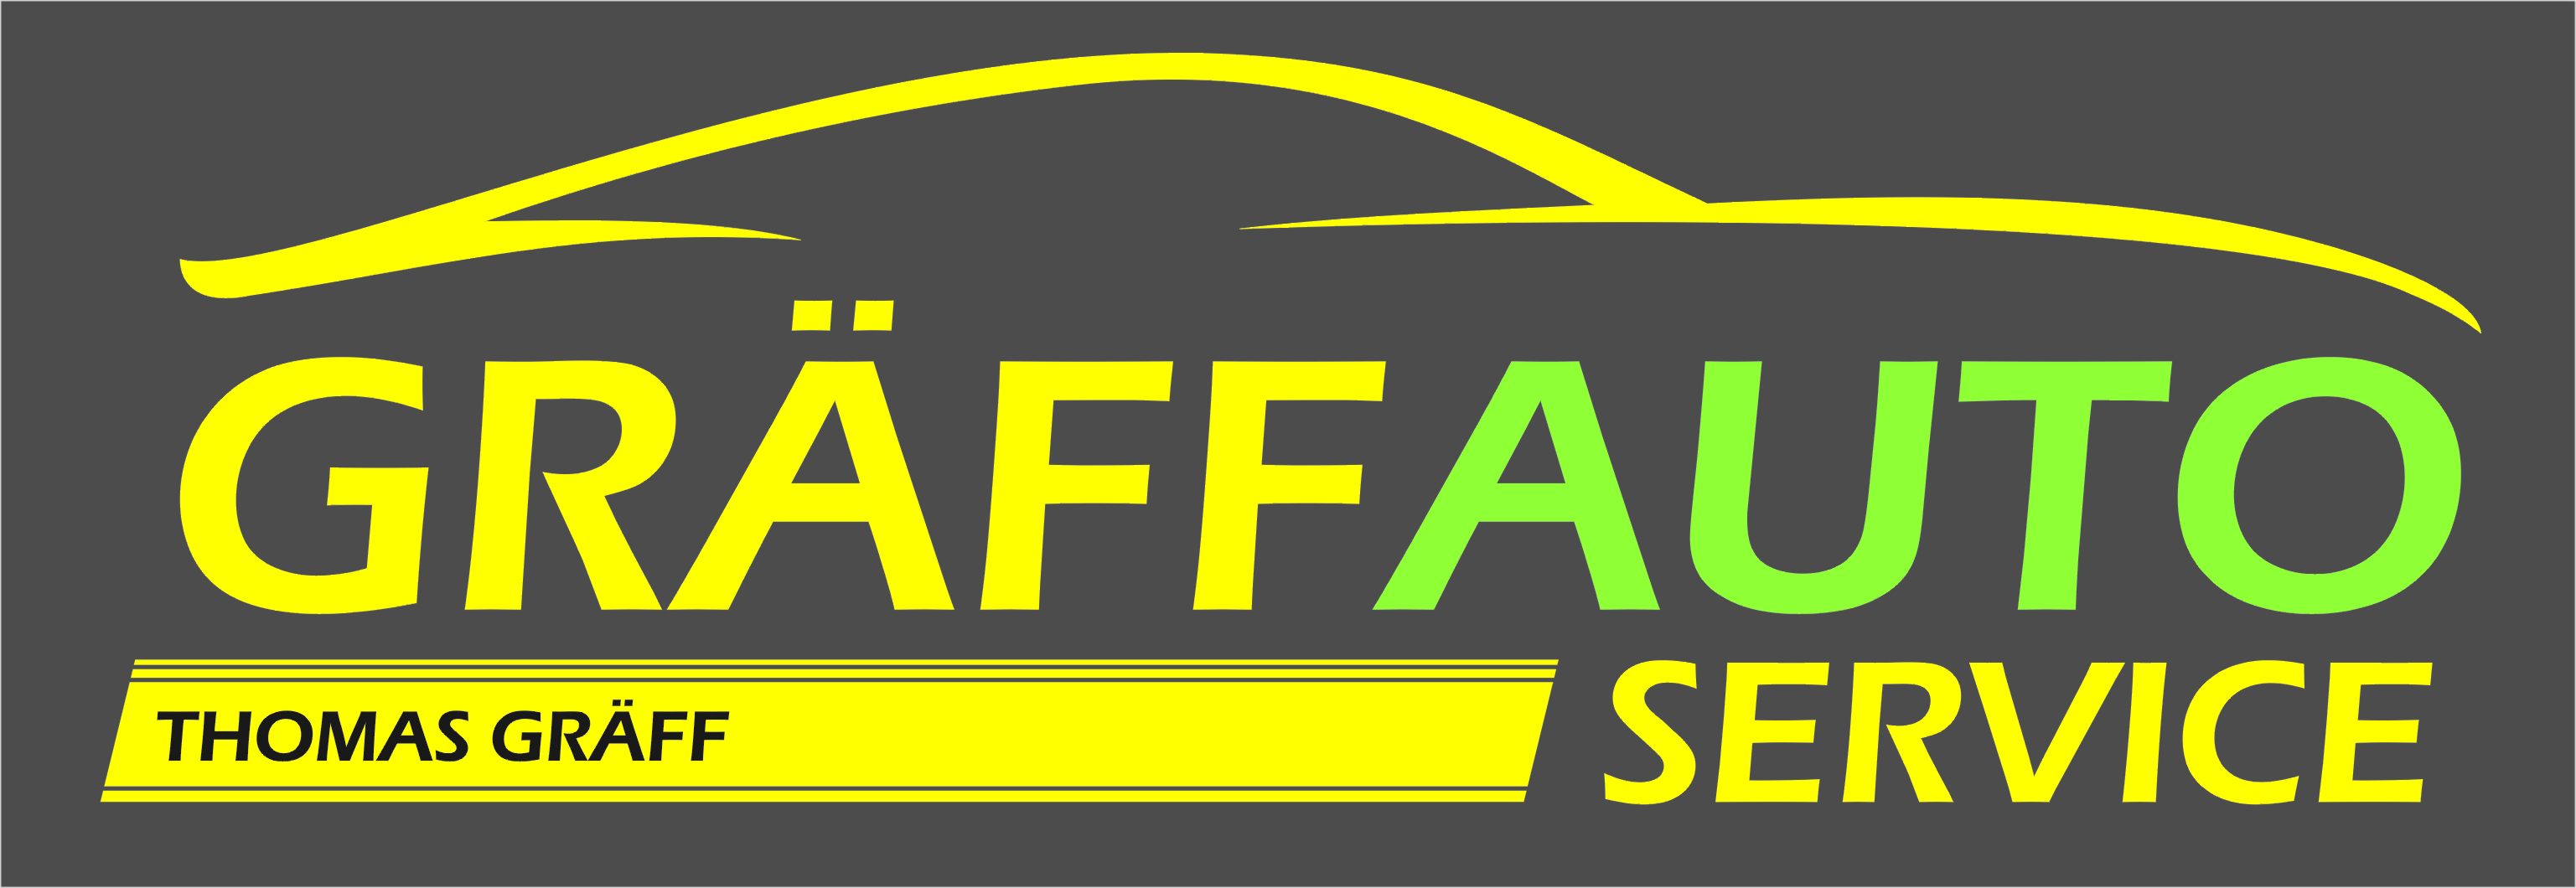 graeff_logo2